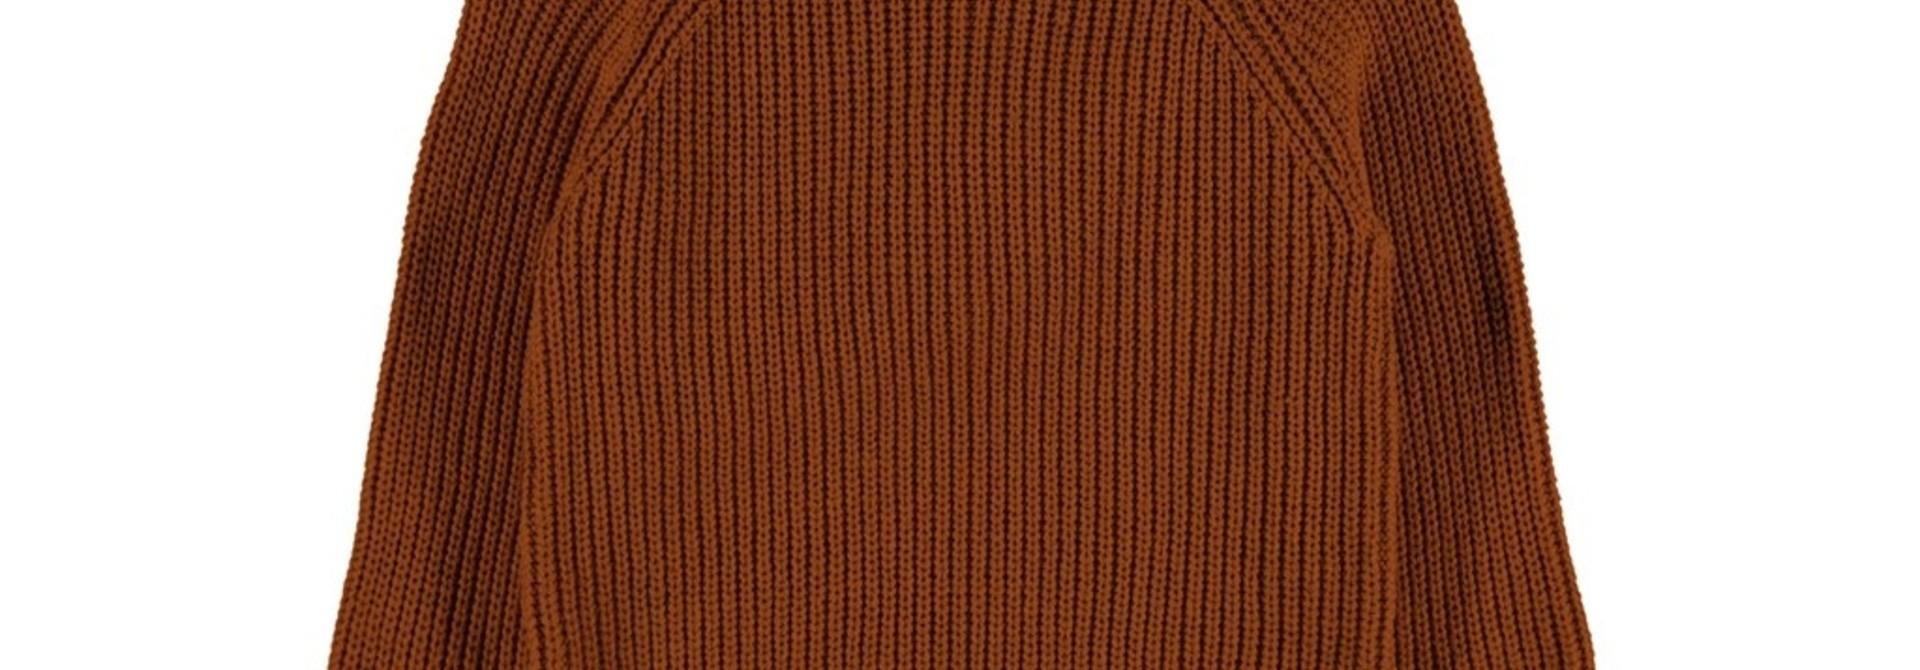 Imilio Longsleeve Knit - Apple Cinnamon